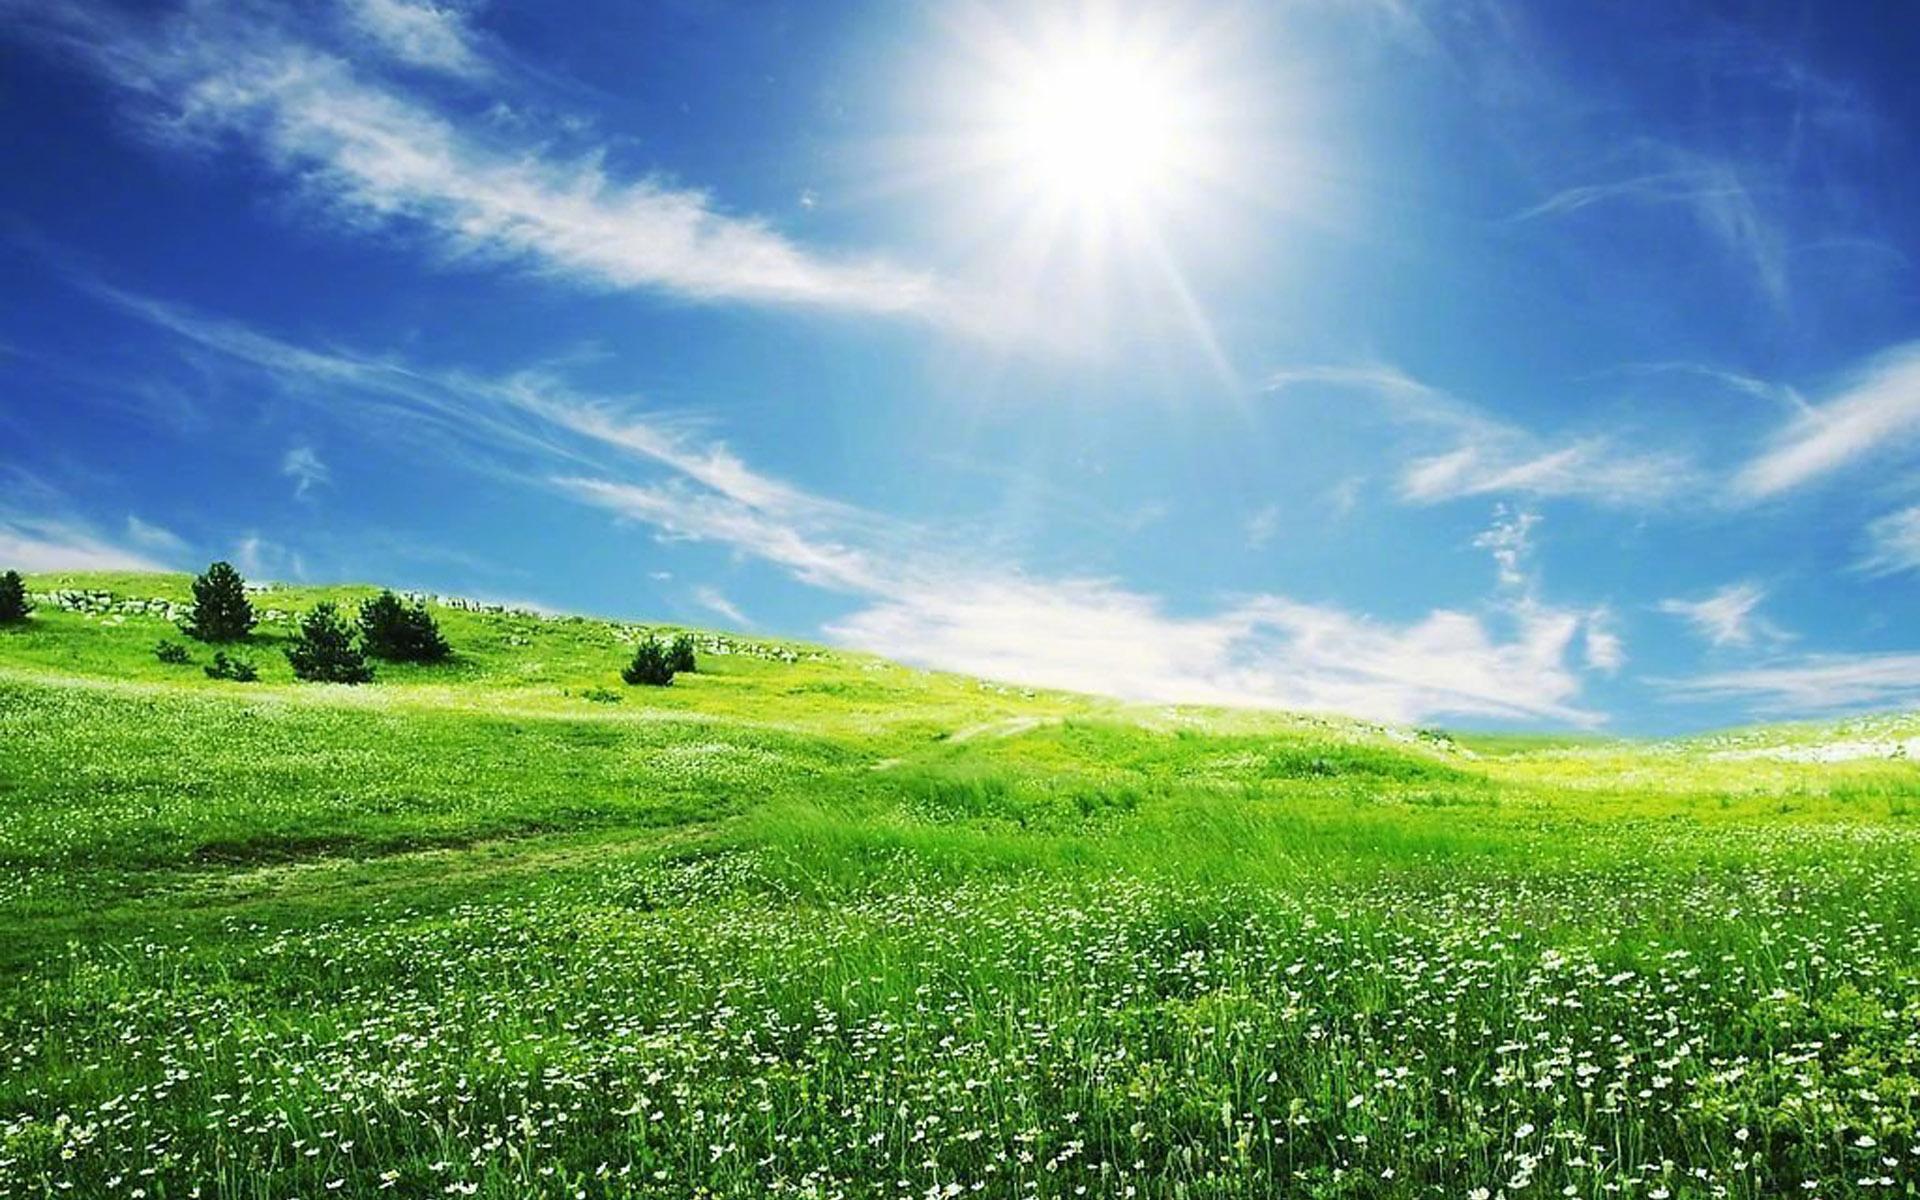 唯美蓝天白云风景图片电脑壁纸_图片新闻_东方头条